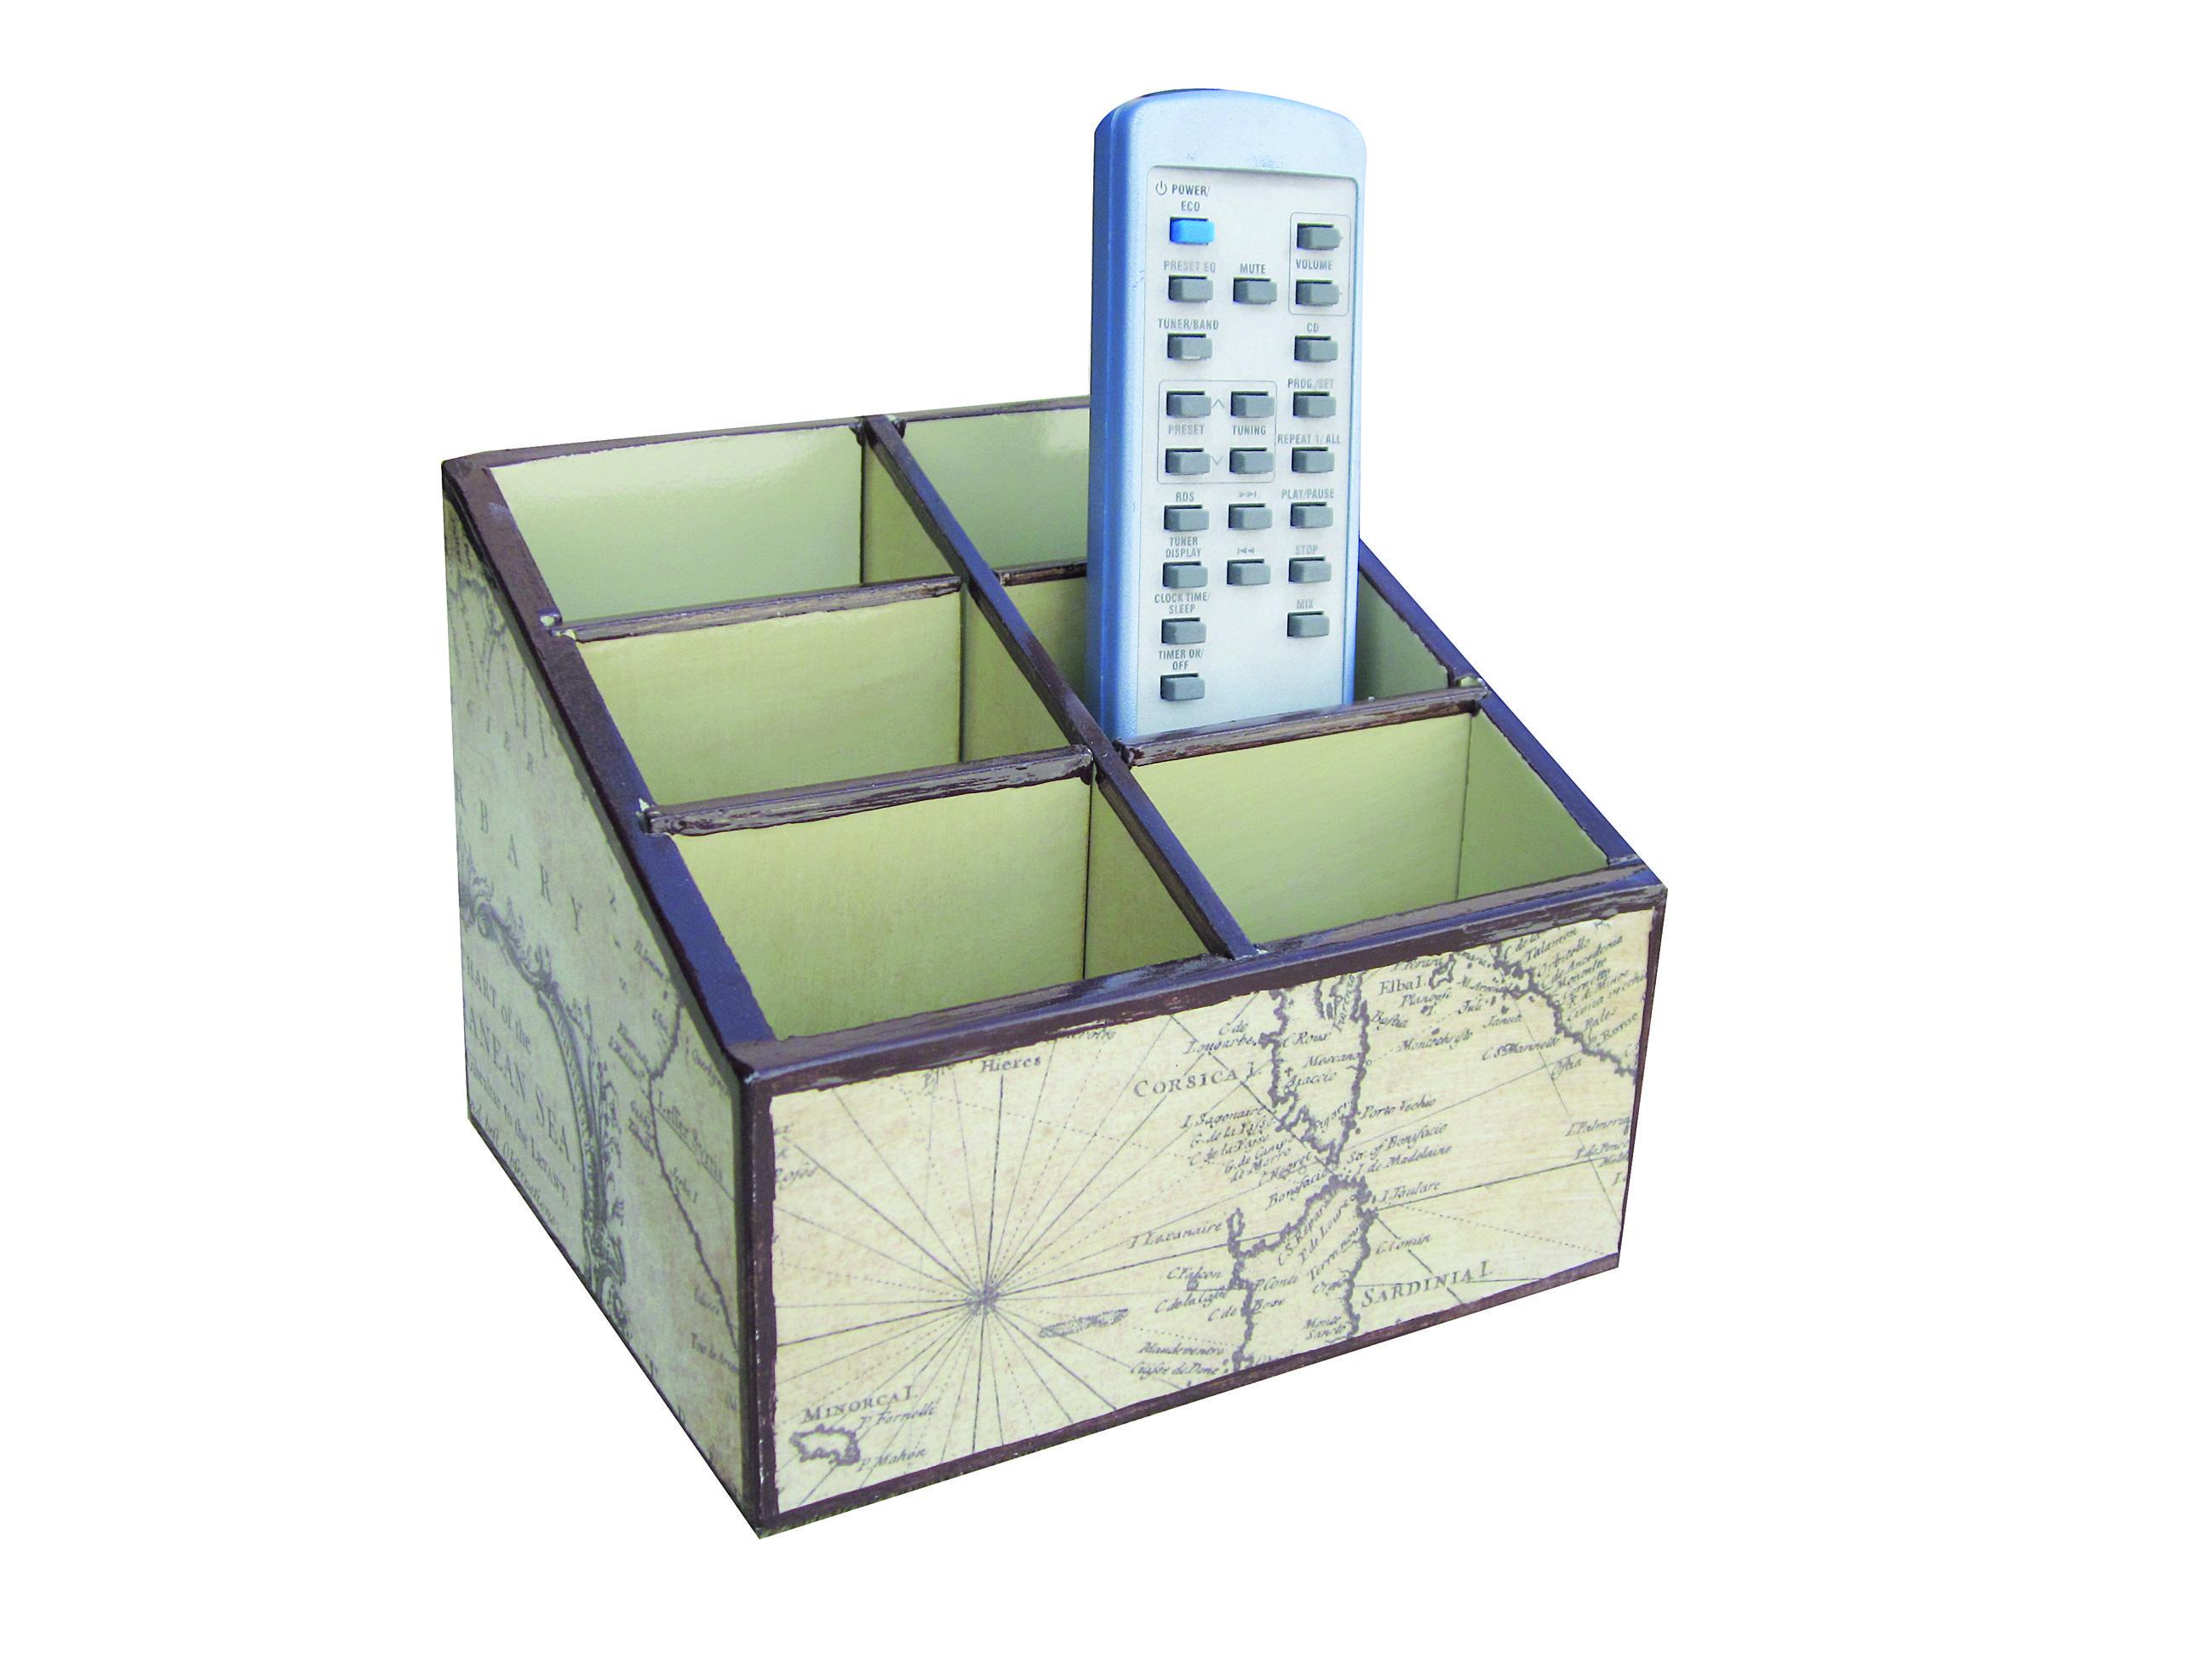 Caja Portamandos De Fundashop La Encontraras En La Tienda De La